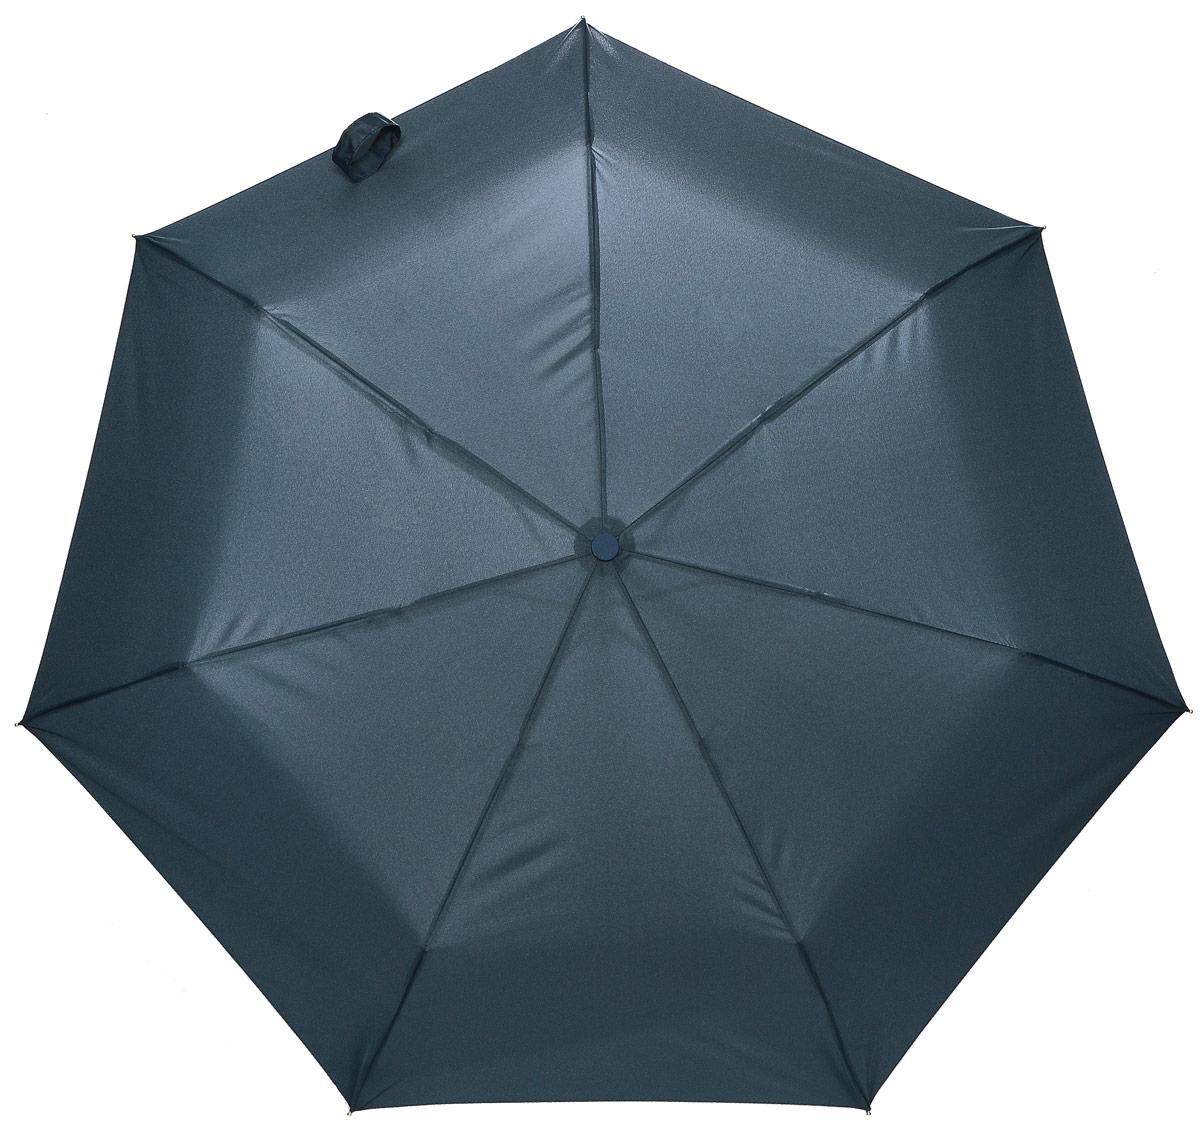 C-Collection 223-1 Зонт полный автом. 3 сл. муж.223-1Зонт испанского производителя Clima. В производстве зонтов используются современные материалы, что делает зонты легкими, но в то же время крепкими. Полный автомат, 3 сложения, 7 спиц по 55см, полиэстер.